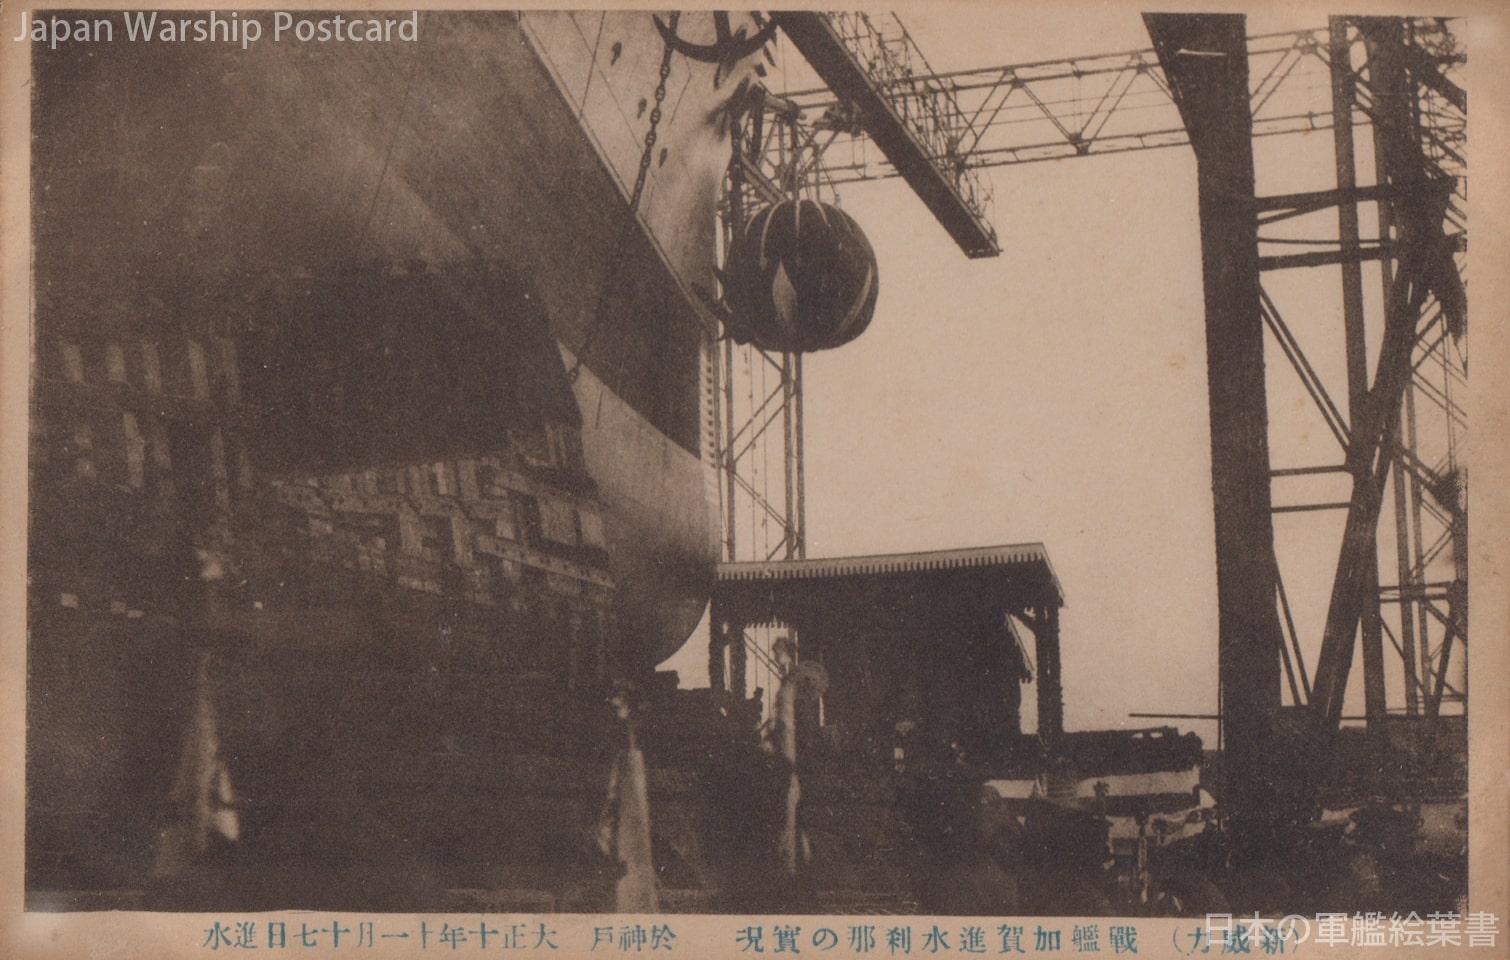 (新威力)戦艦加賀進水刹那の実況 於神戸